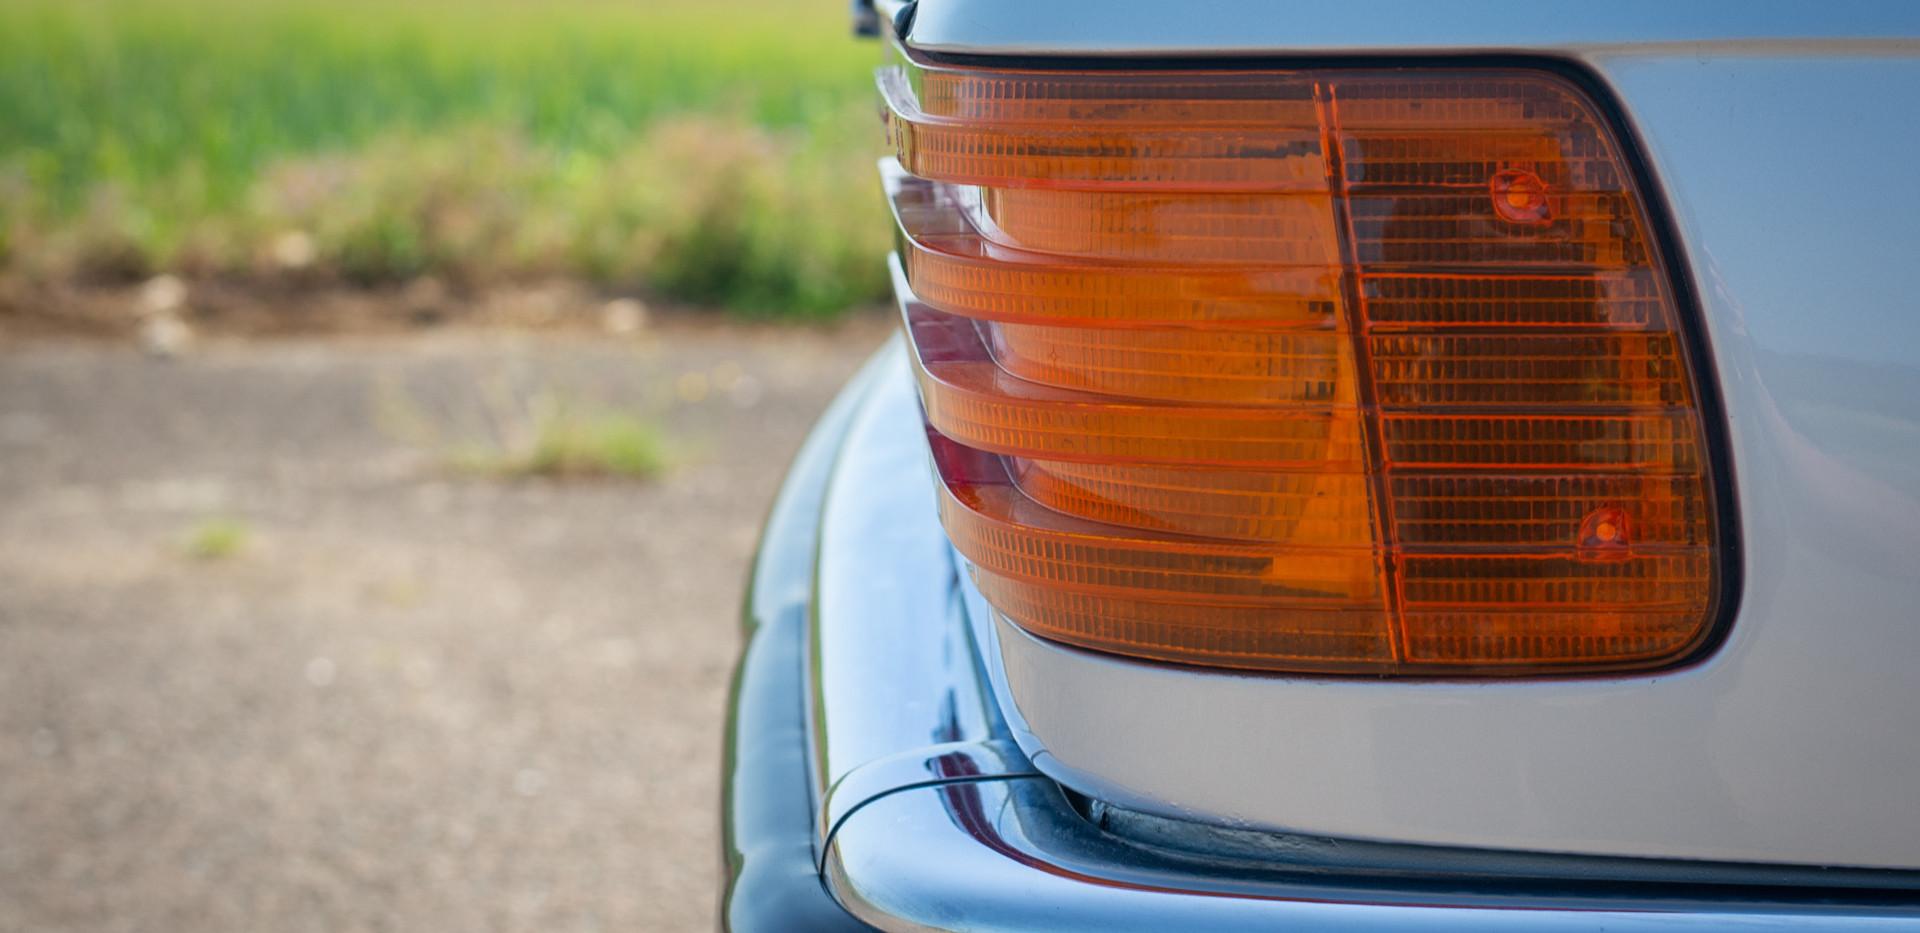 R107 300SL Silver C272 RBV-23.jpg